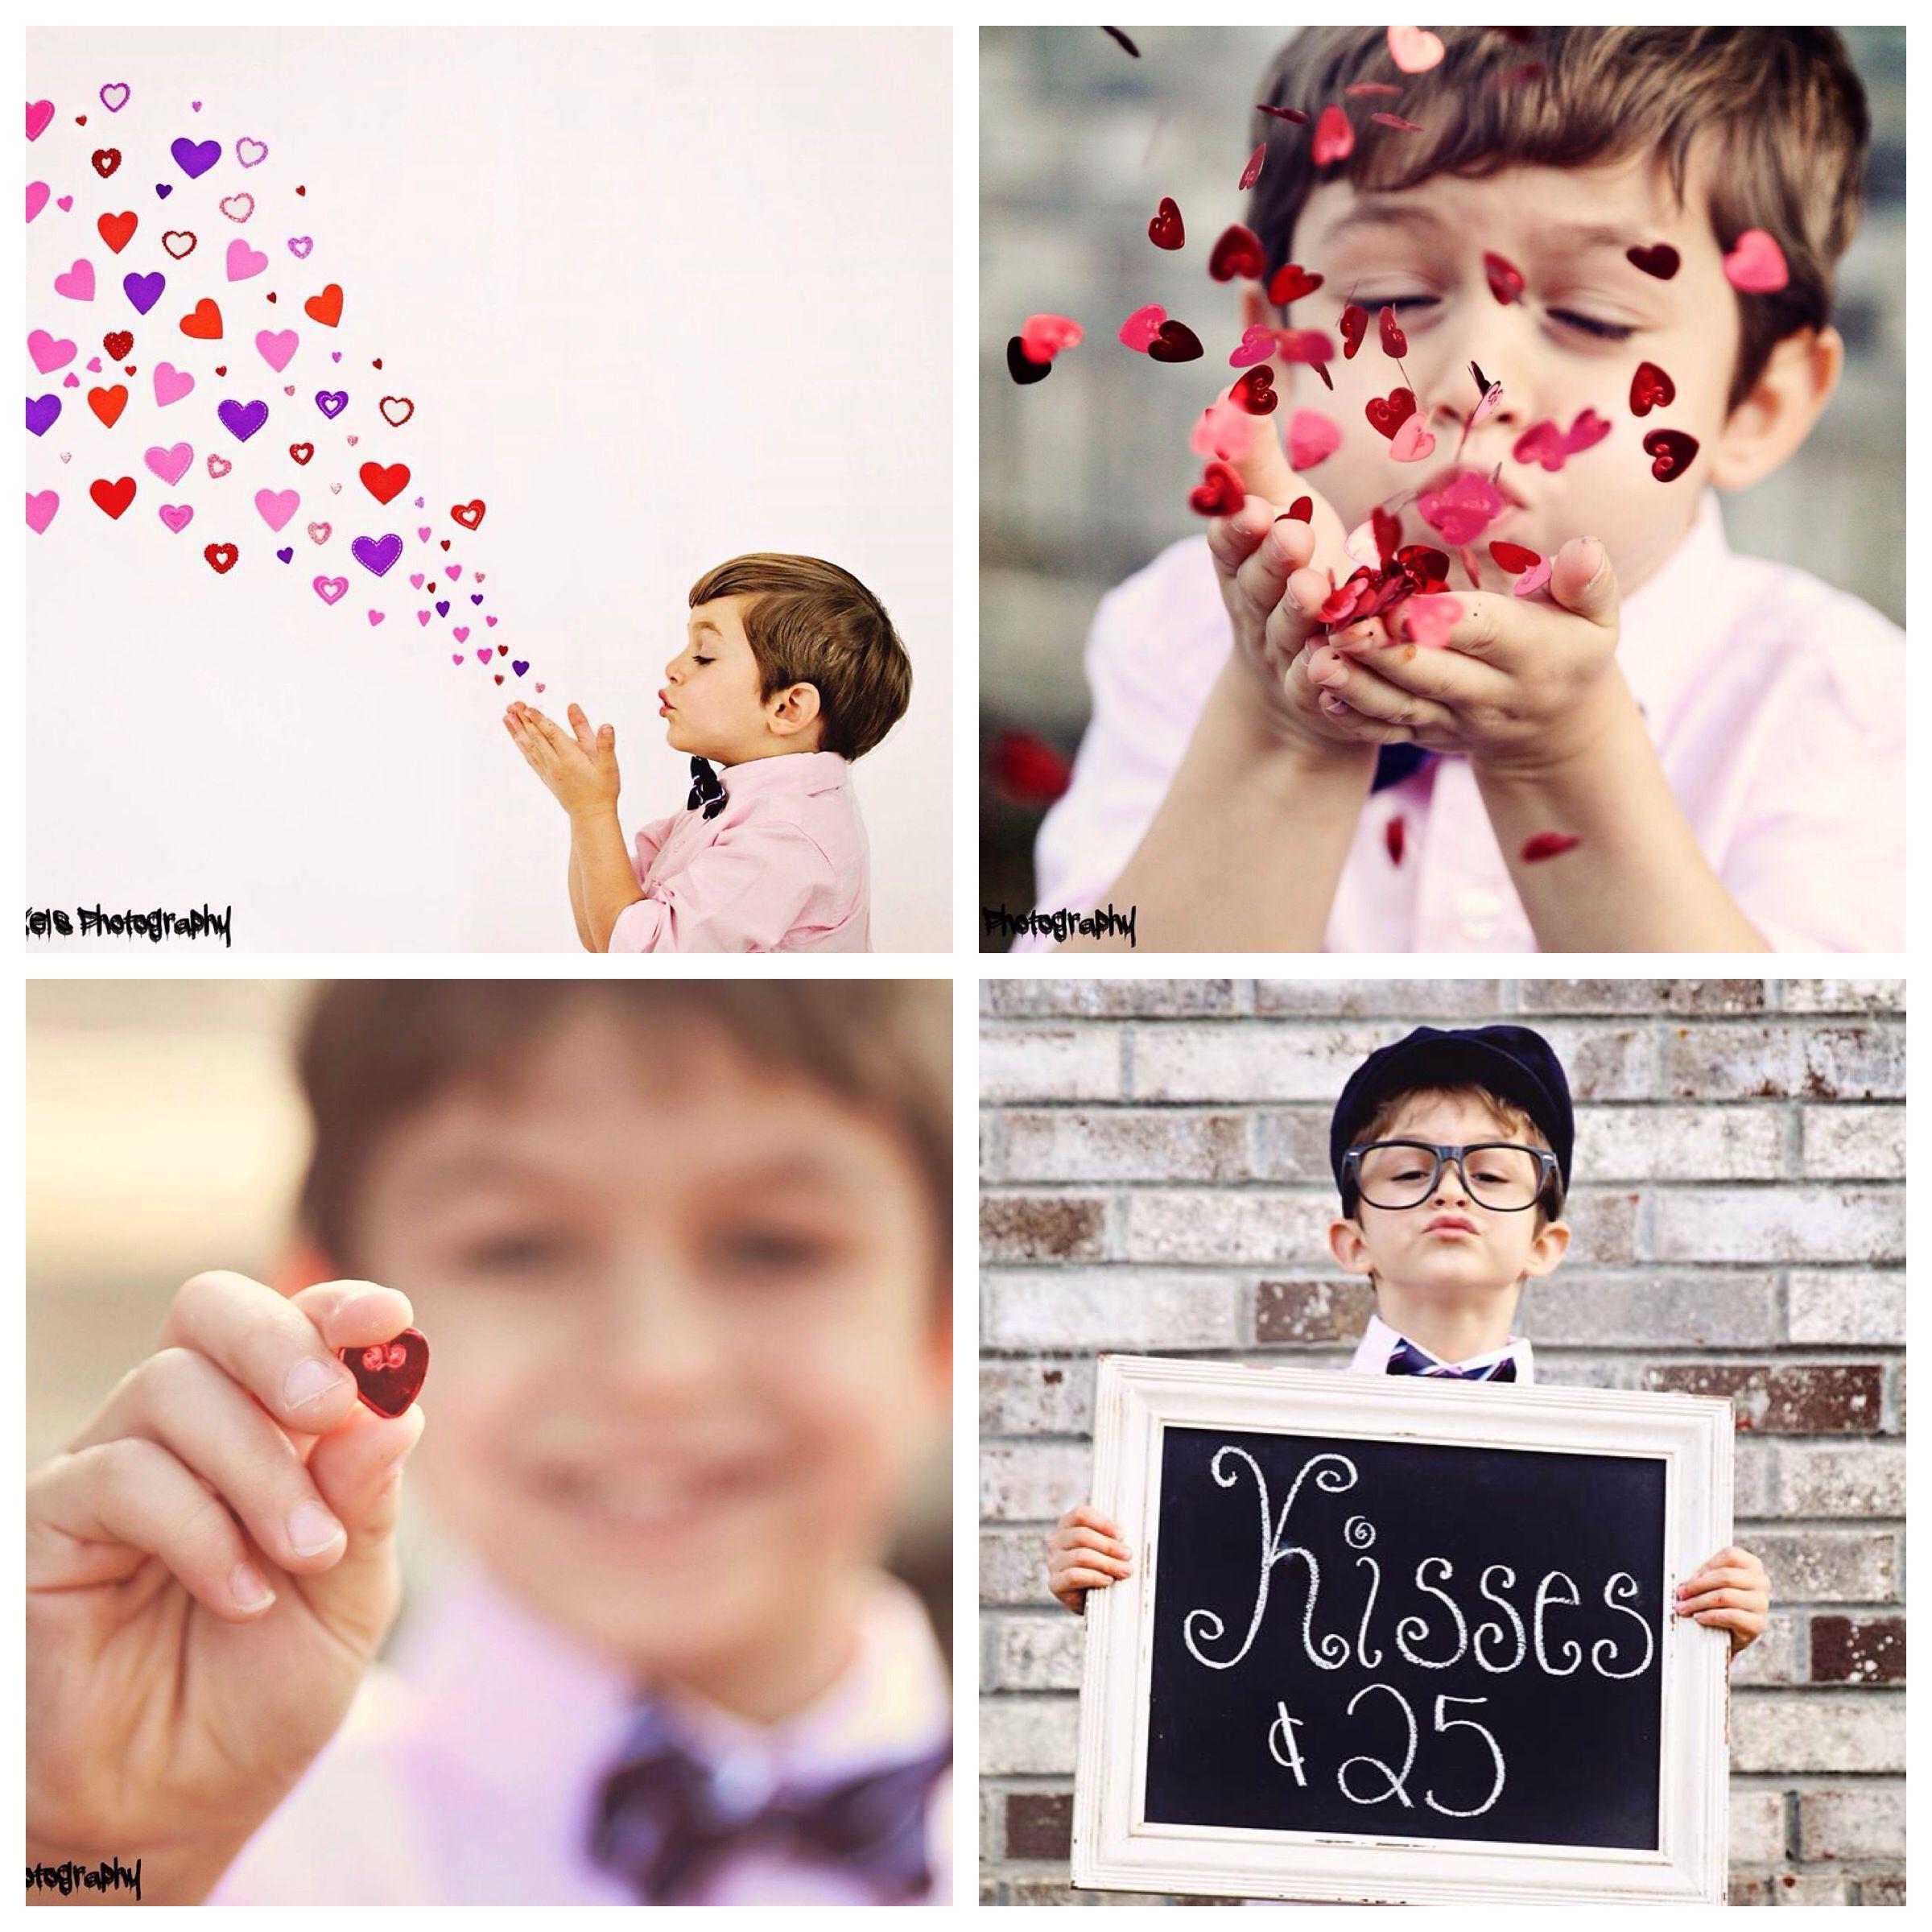 valentine ideas at work